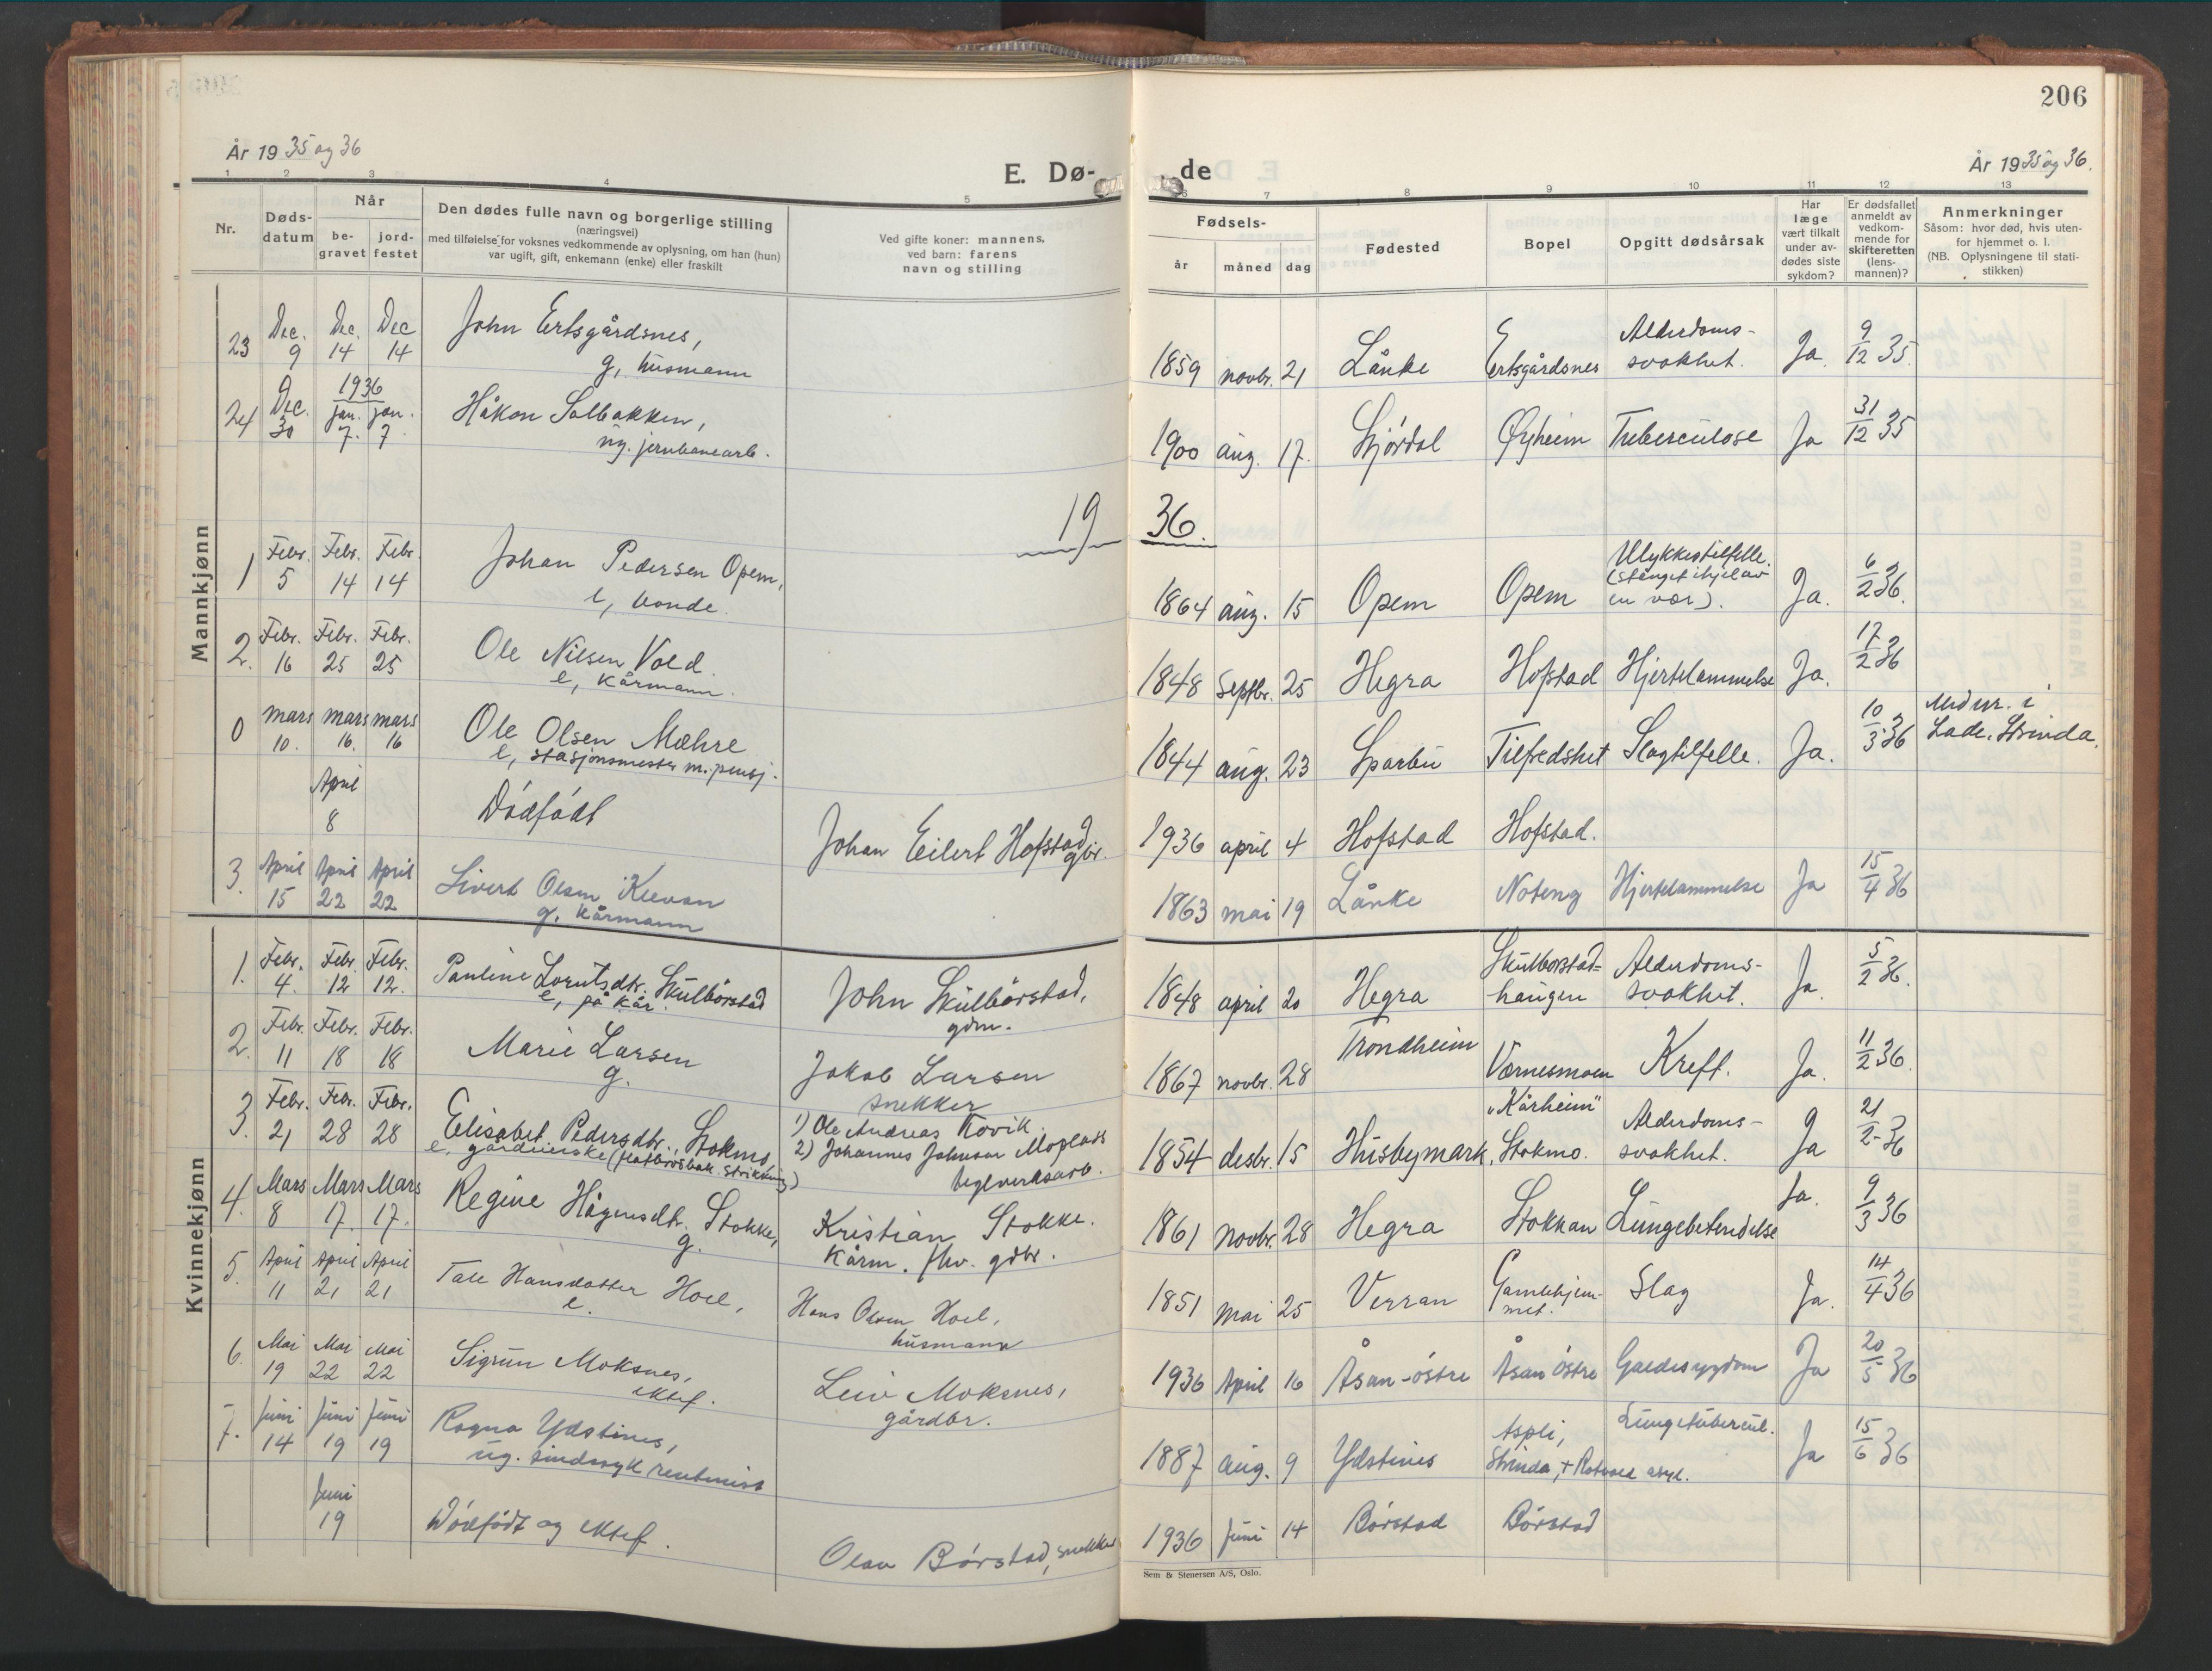 SAT, Ministerialprotokoller, klokkerbøker og fødselsregistre - Nord-Trøndelag, 709/L0089: Klokkerbok nr. 709C03, 1935-1948, s. 206